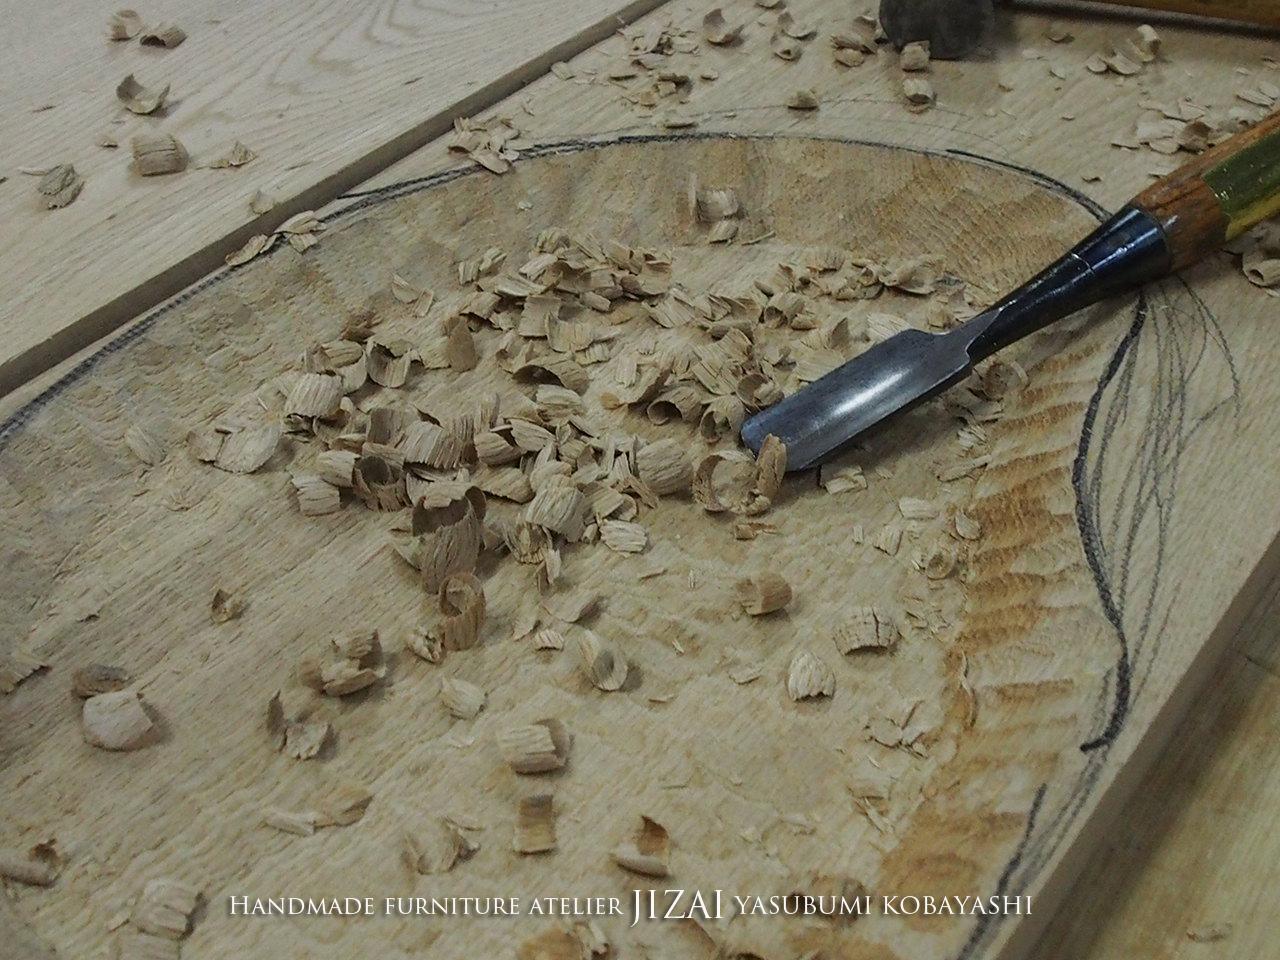 木の皿 那須高原 じざい工房 小林康文の素材を活かす家具づくり